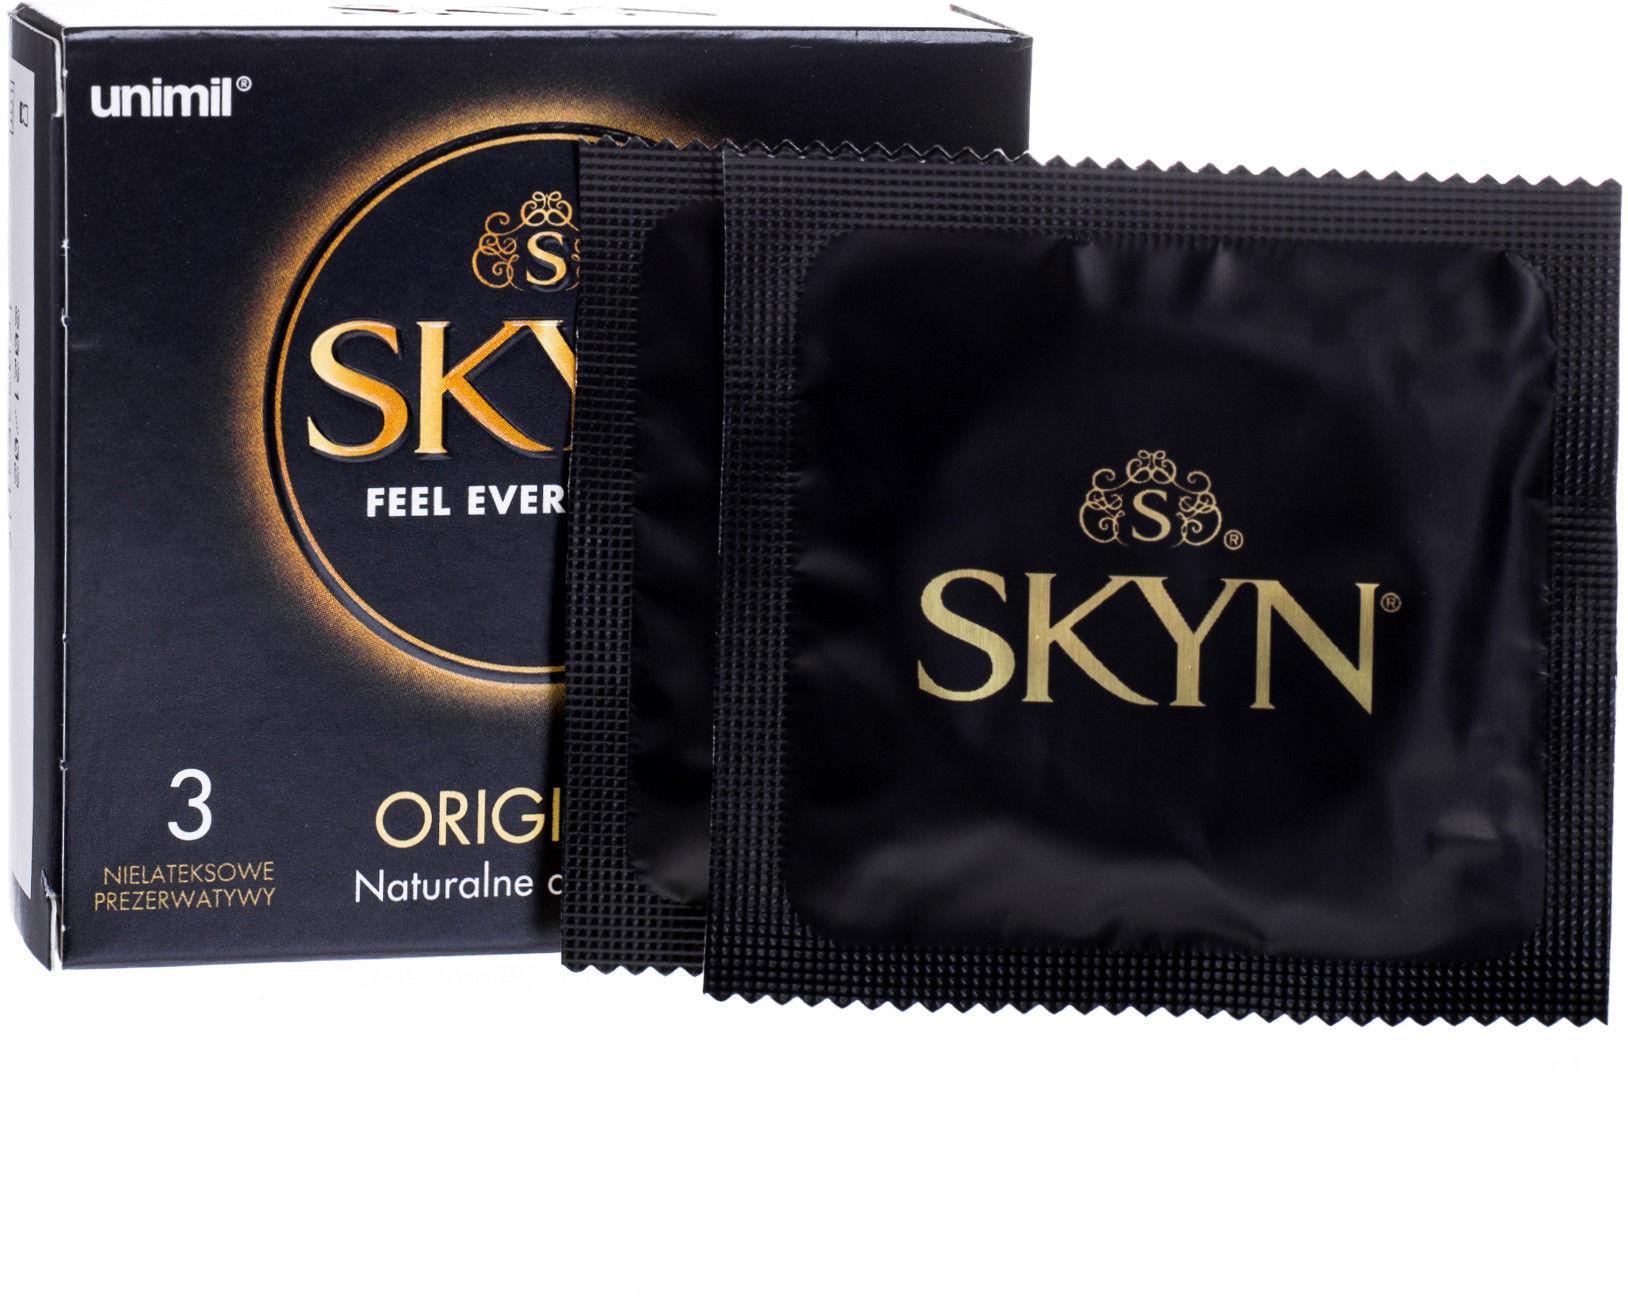 Skyn Original Prezerwatywy 3szt